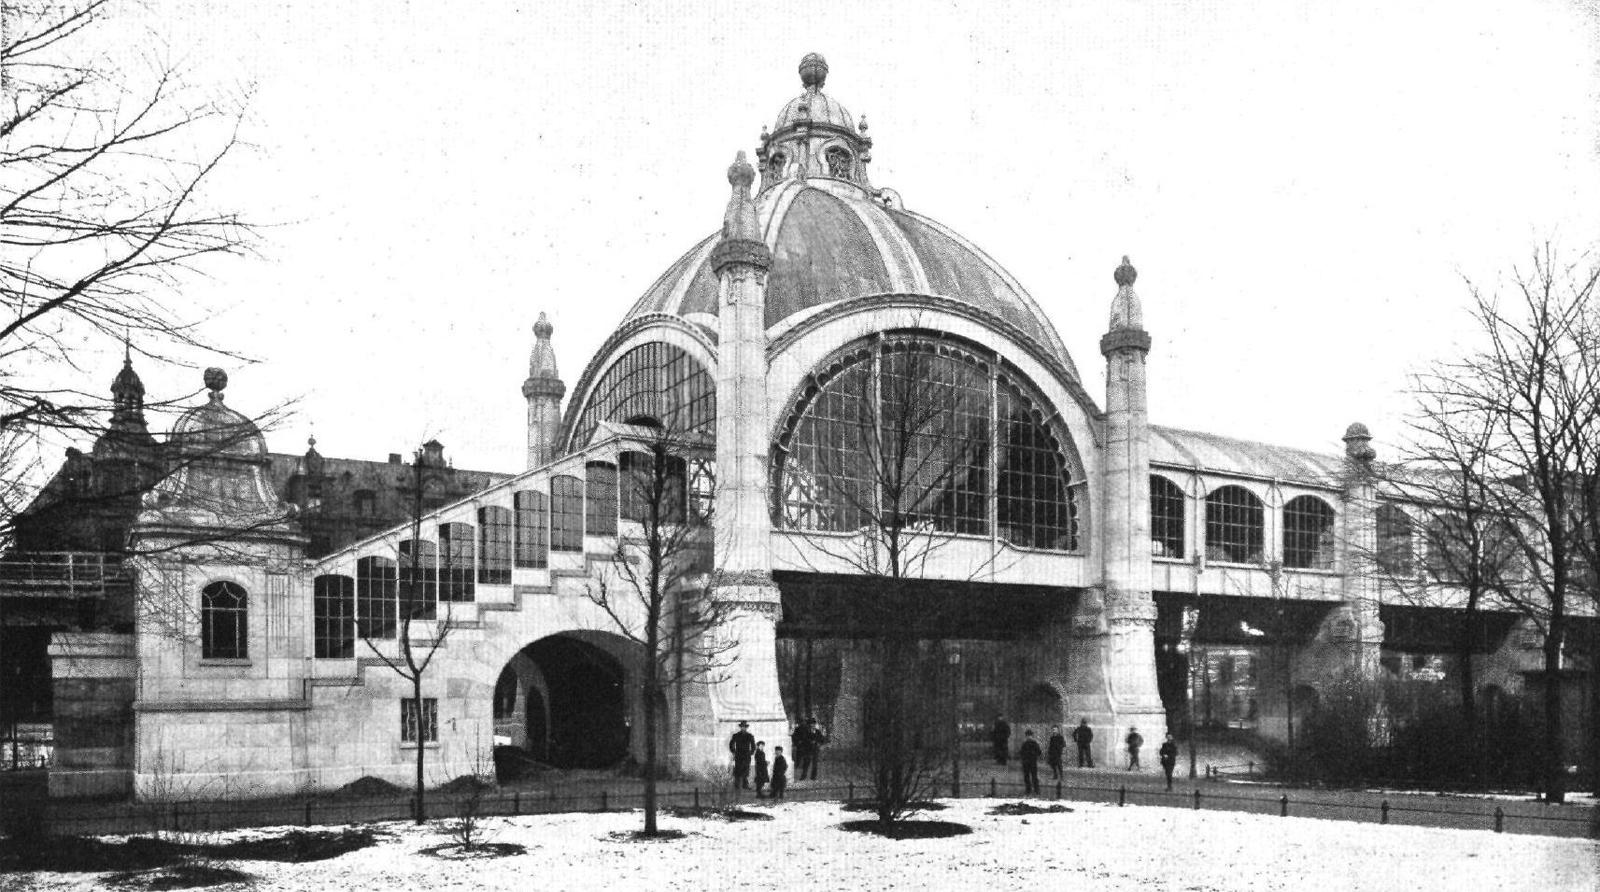 Berlin's Untergrundbahn network opened in opened in 1902 and is spread over 10 'u' lines. Pictured: Nollendorfplatz station circa 1903